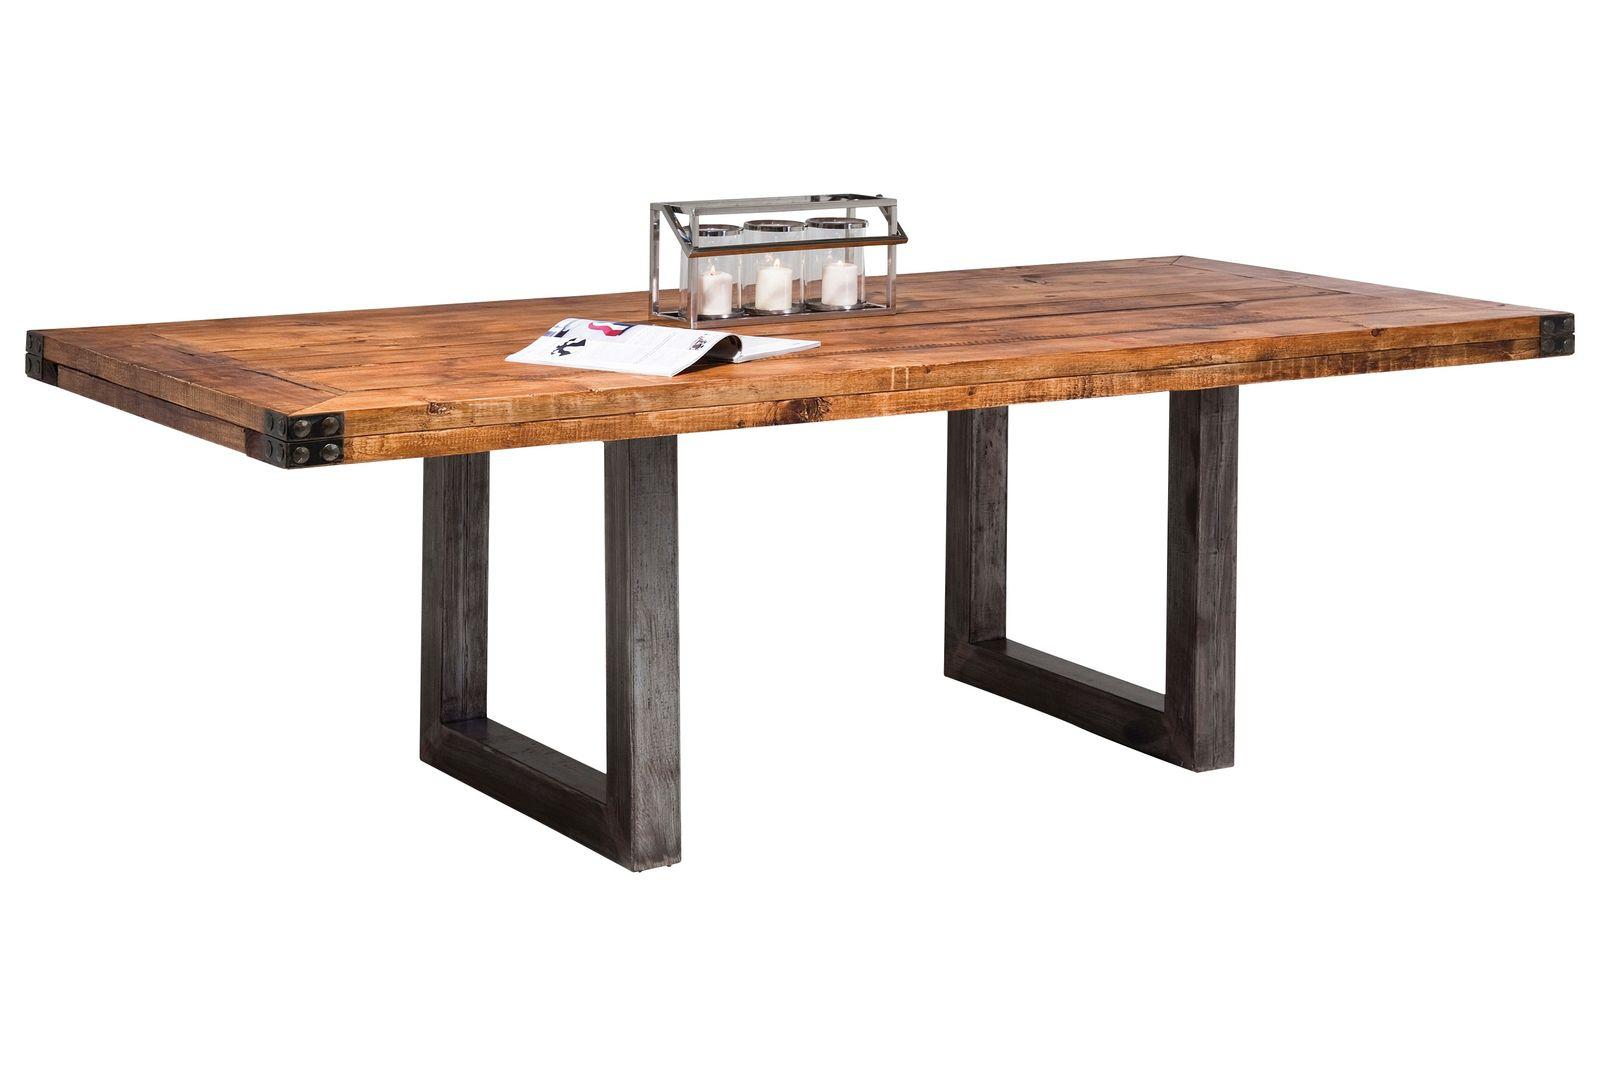 DeWall Esstisch Off-Road 220 cm Esszimmertisch Holztisch Tisch Massiv